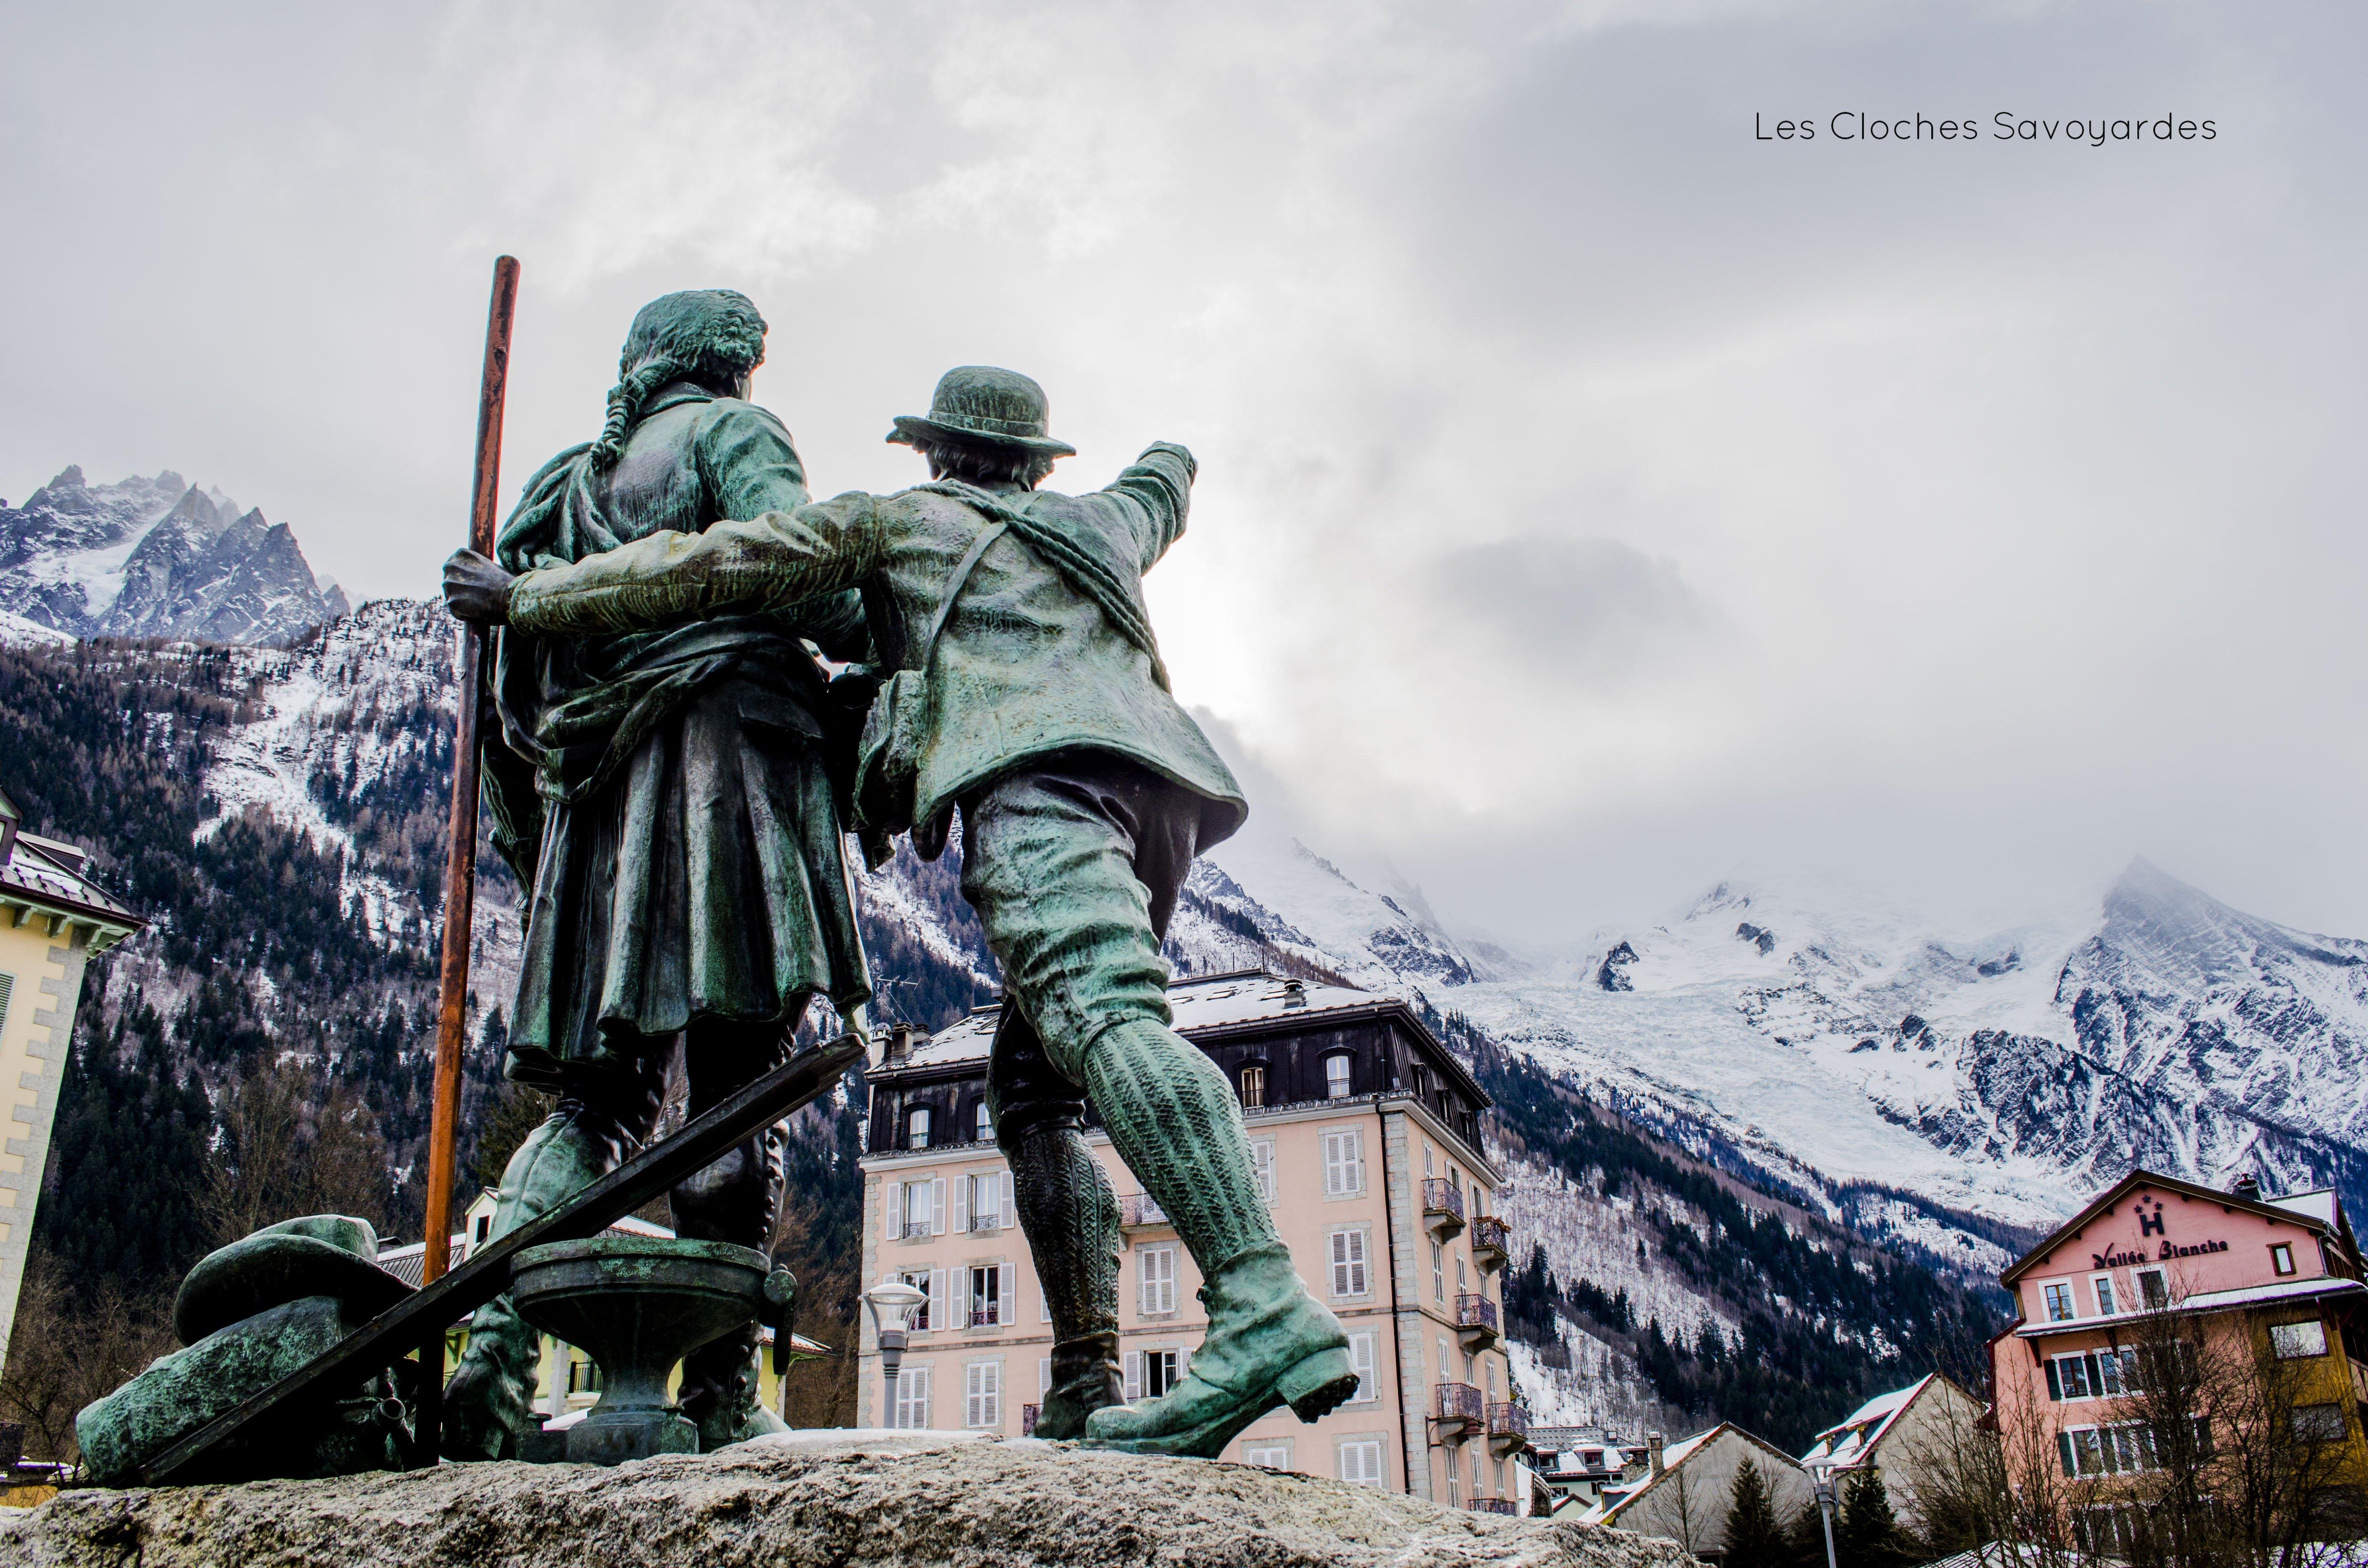 Bien-aimée Chamonix Mont-Blanc – Eglise Saint Michel | Les Cloches Savoyardes #SP_65